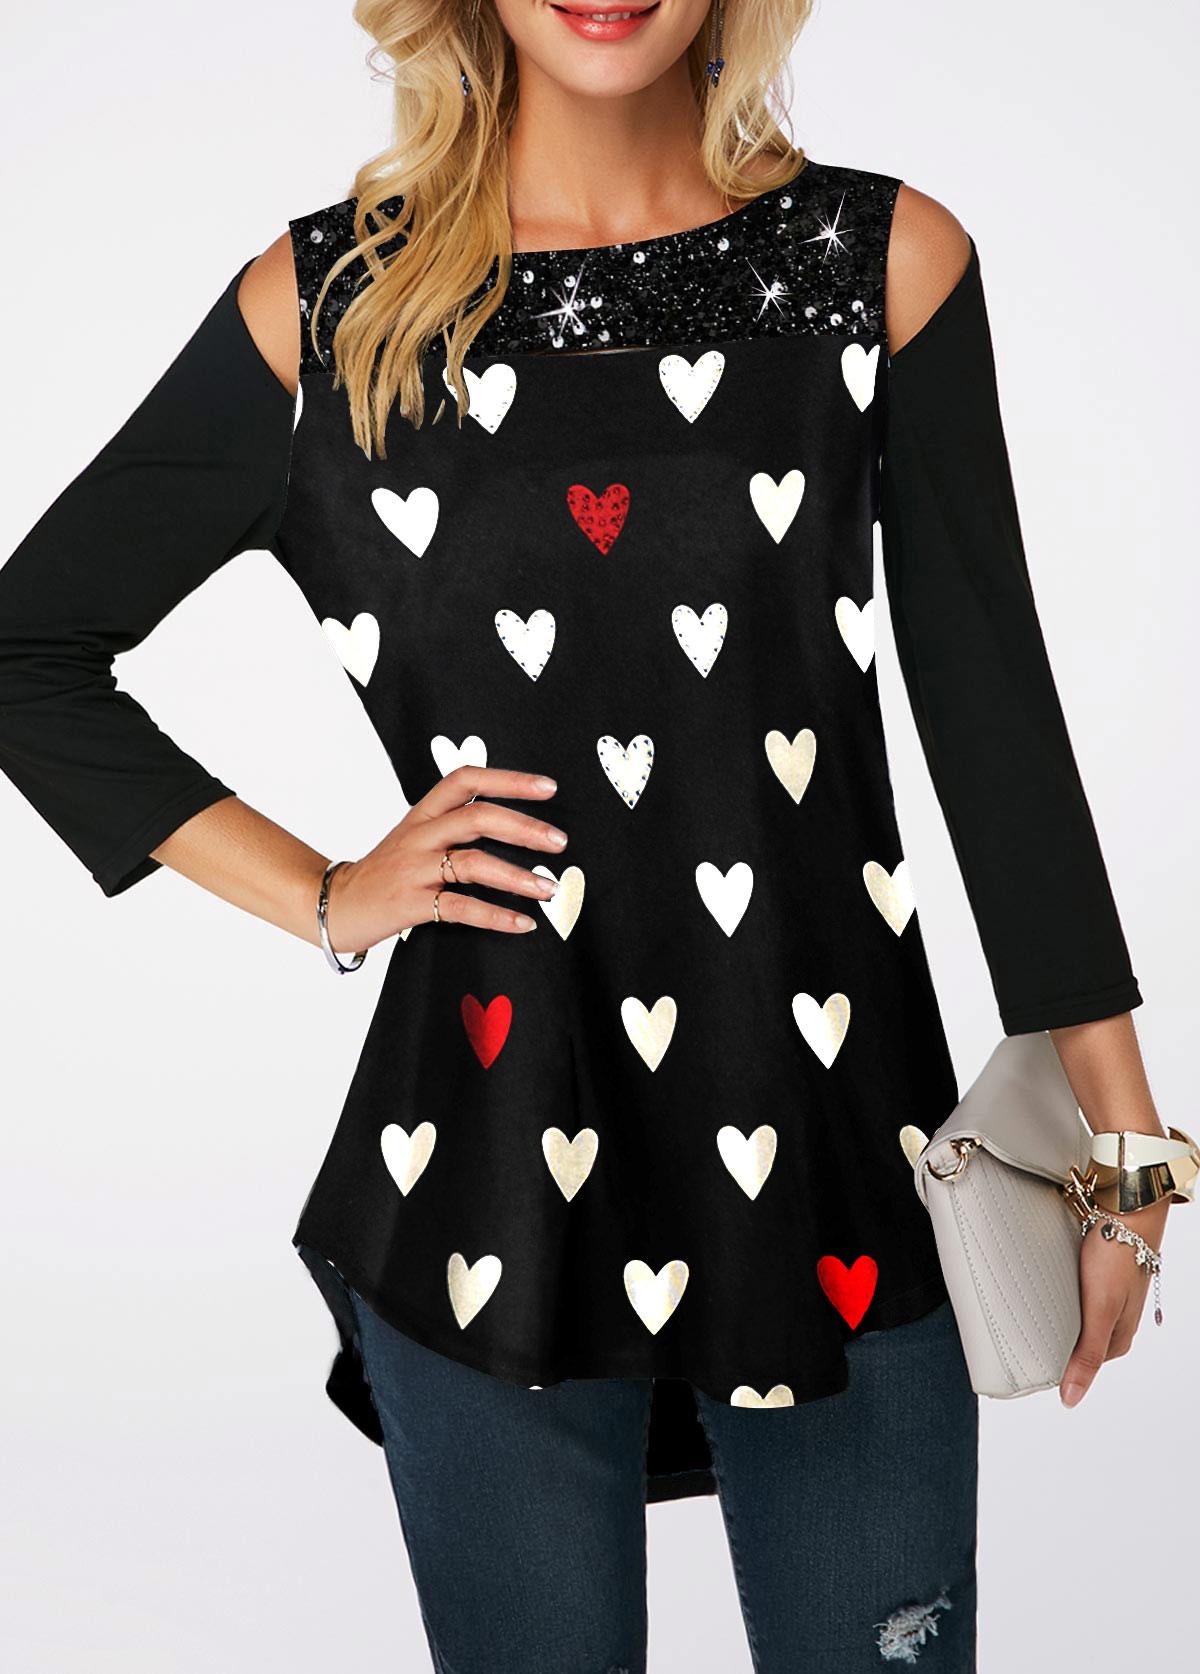 Heart Print Sequin Embellished Cold Shoulder T Shirt